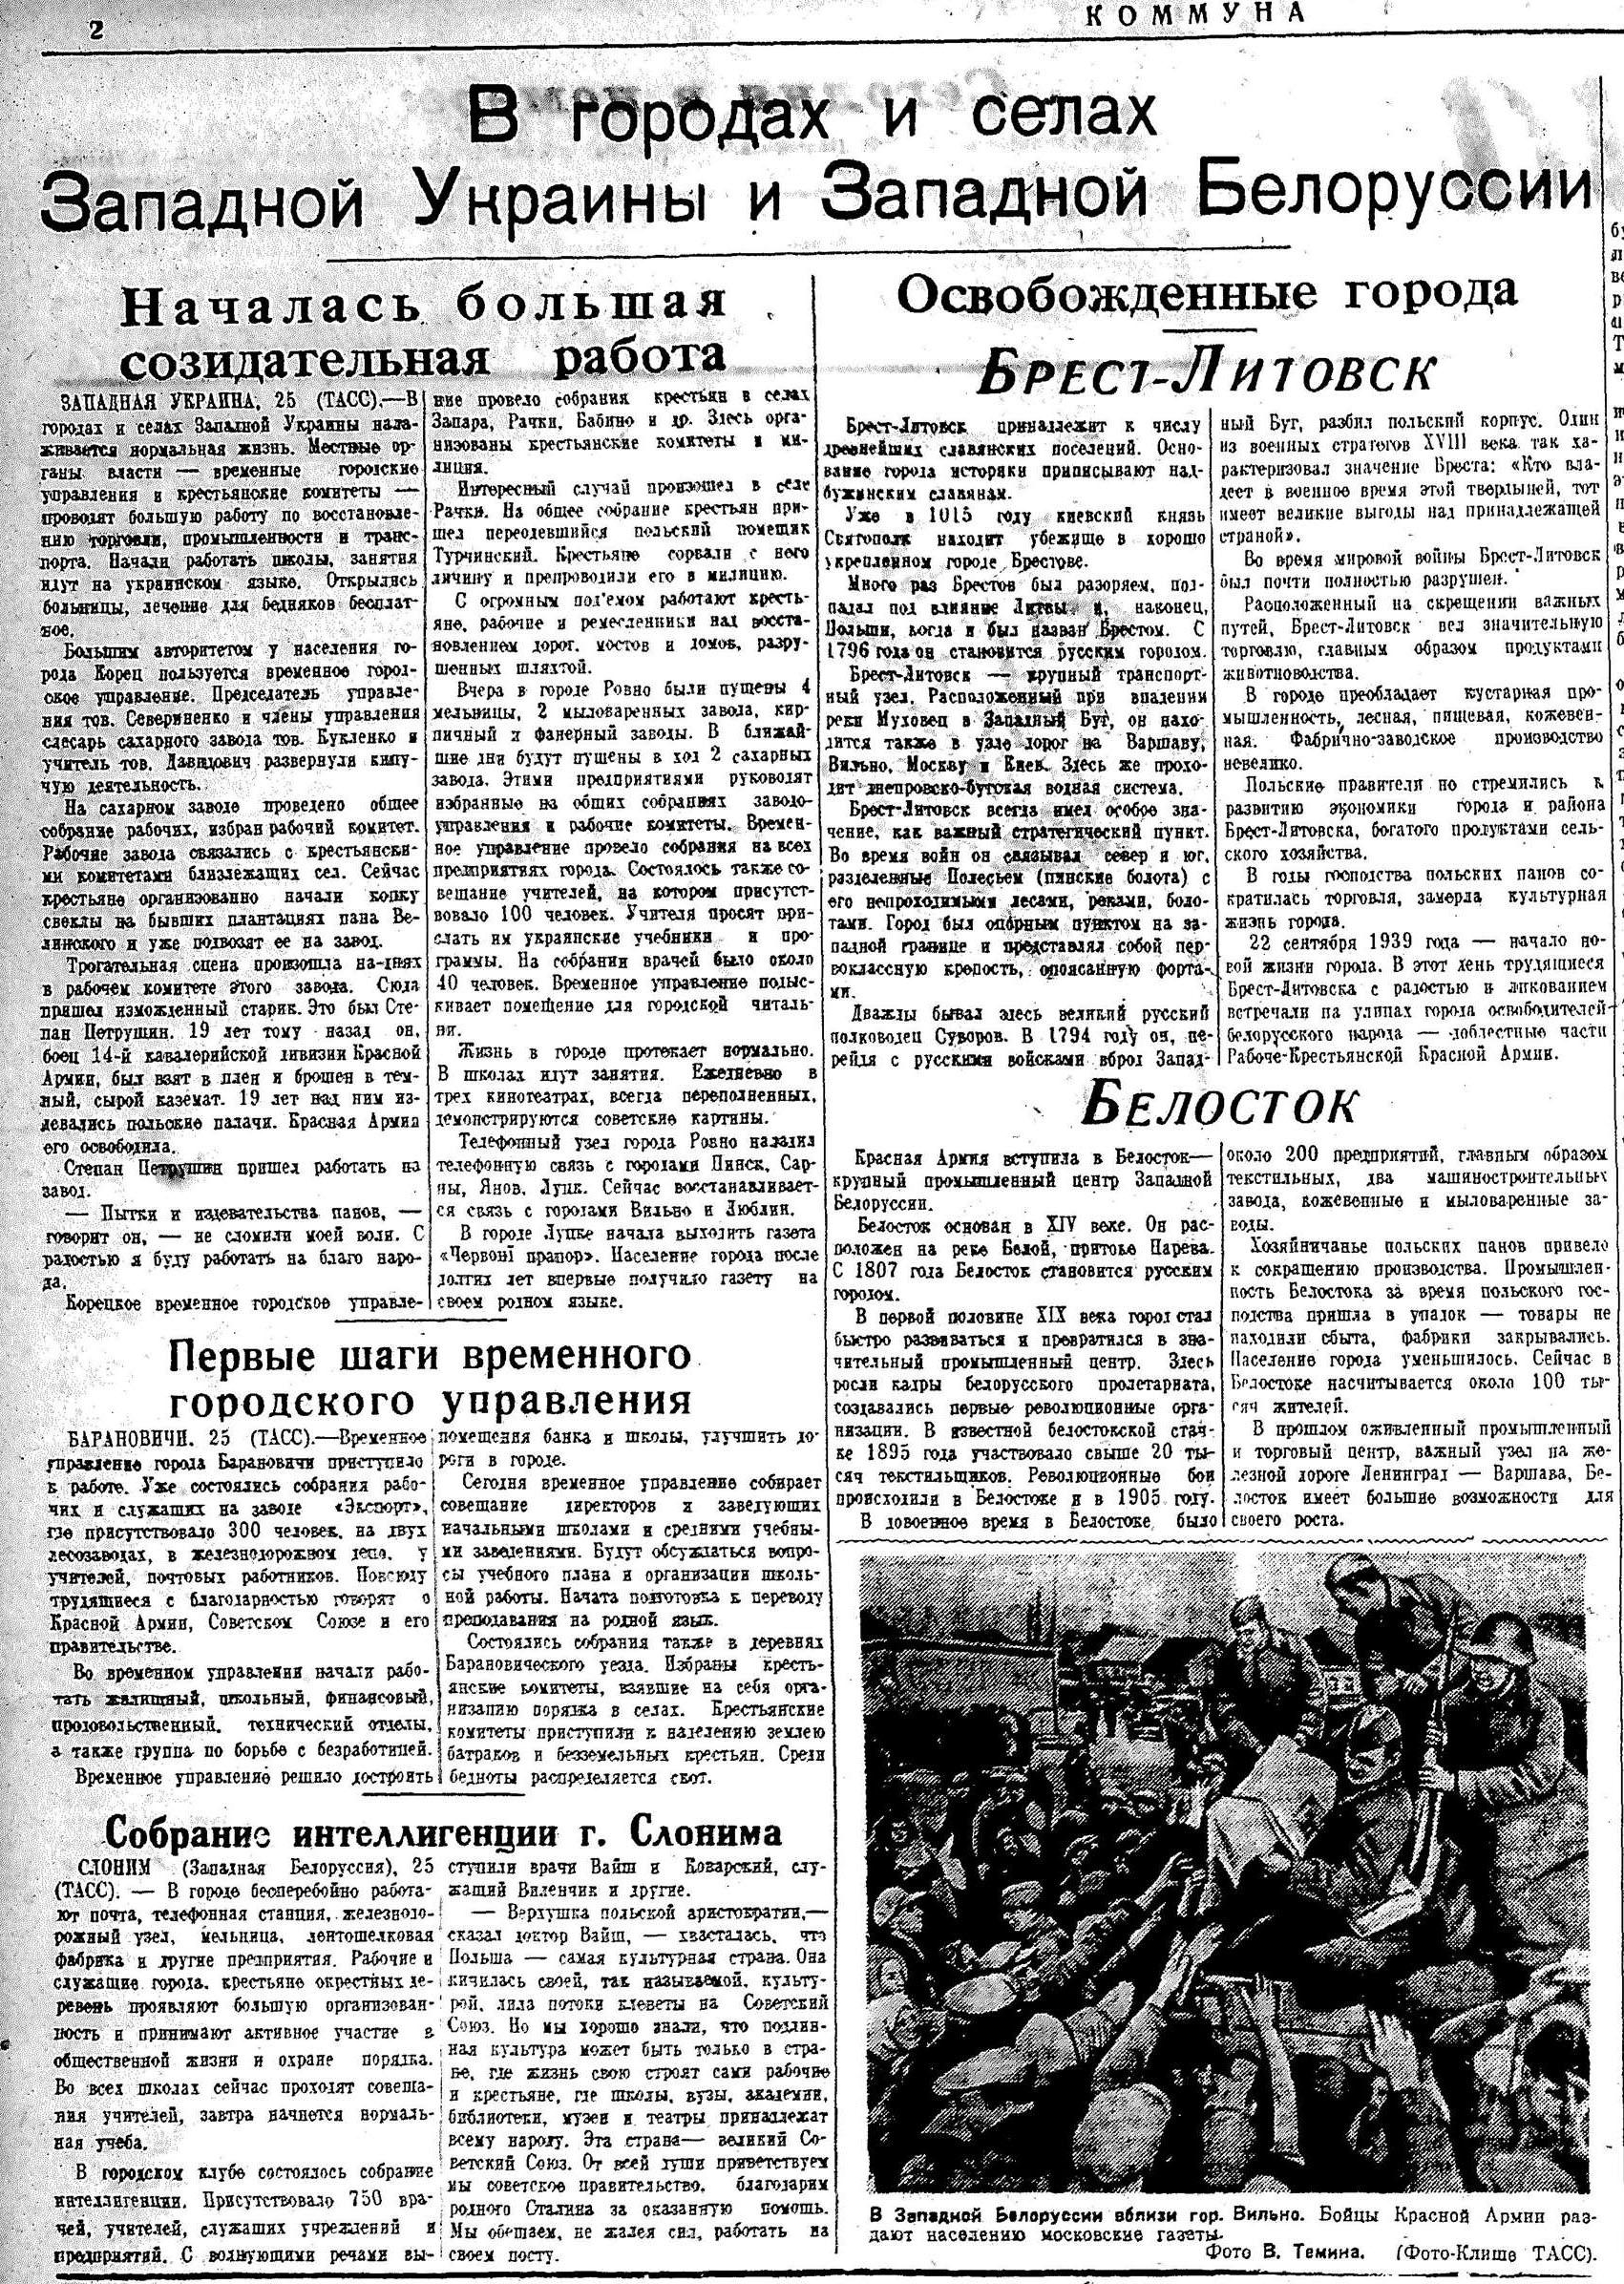 Из Воронежской газеты Коммуна.jpg